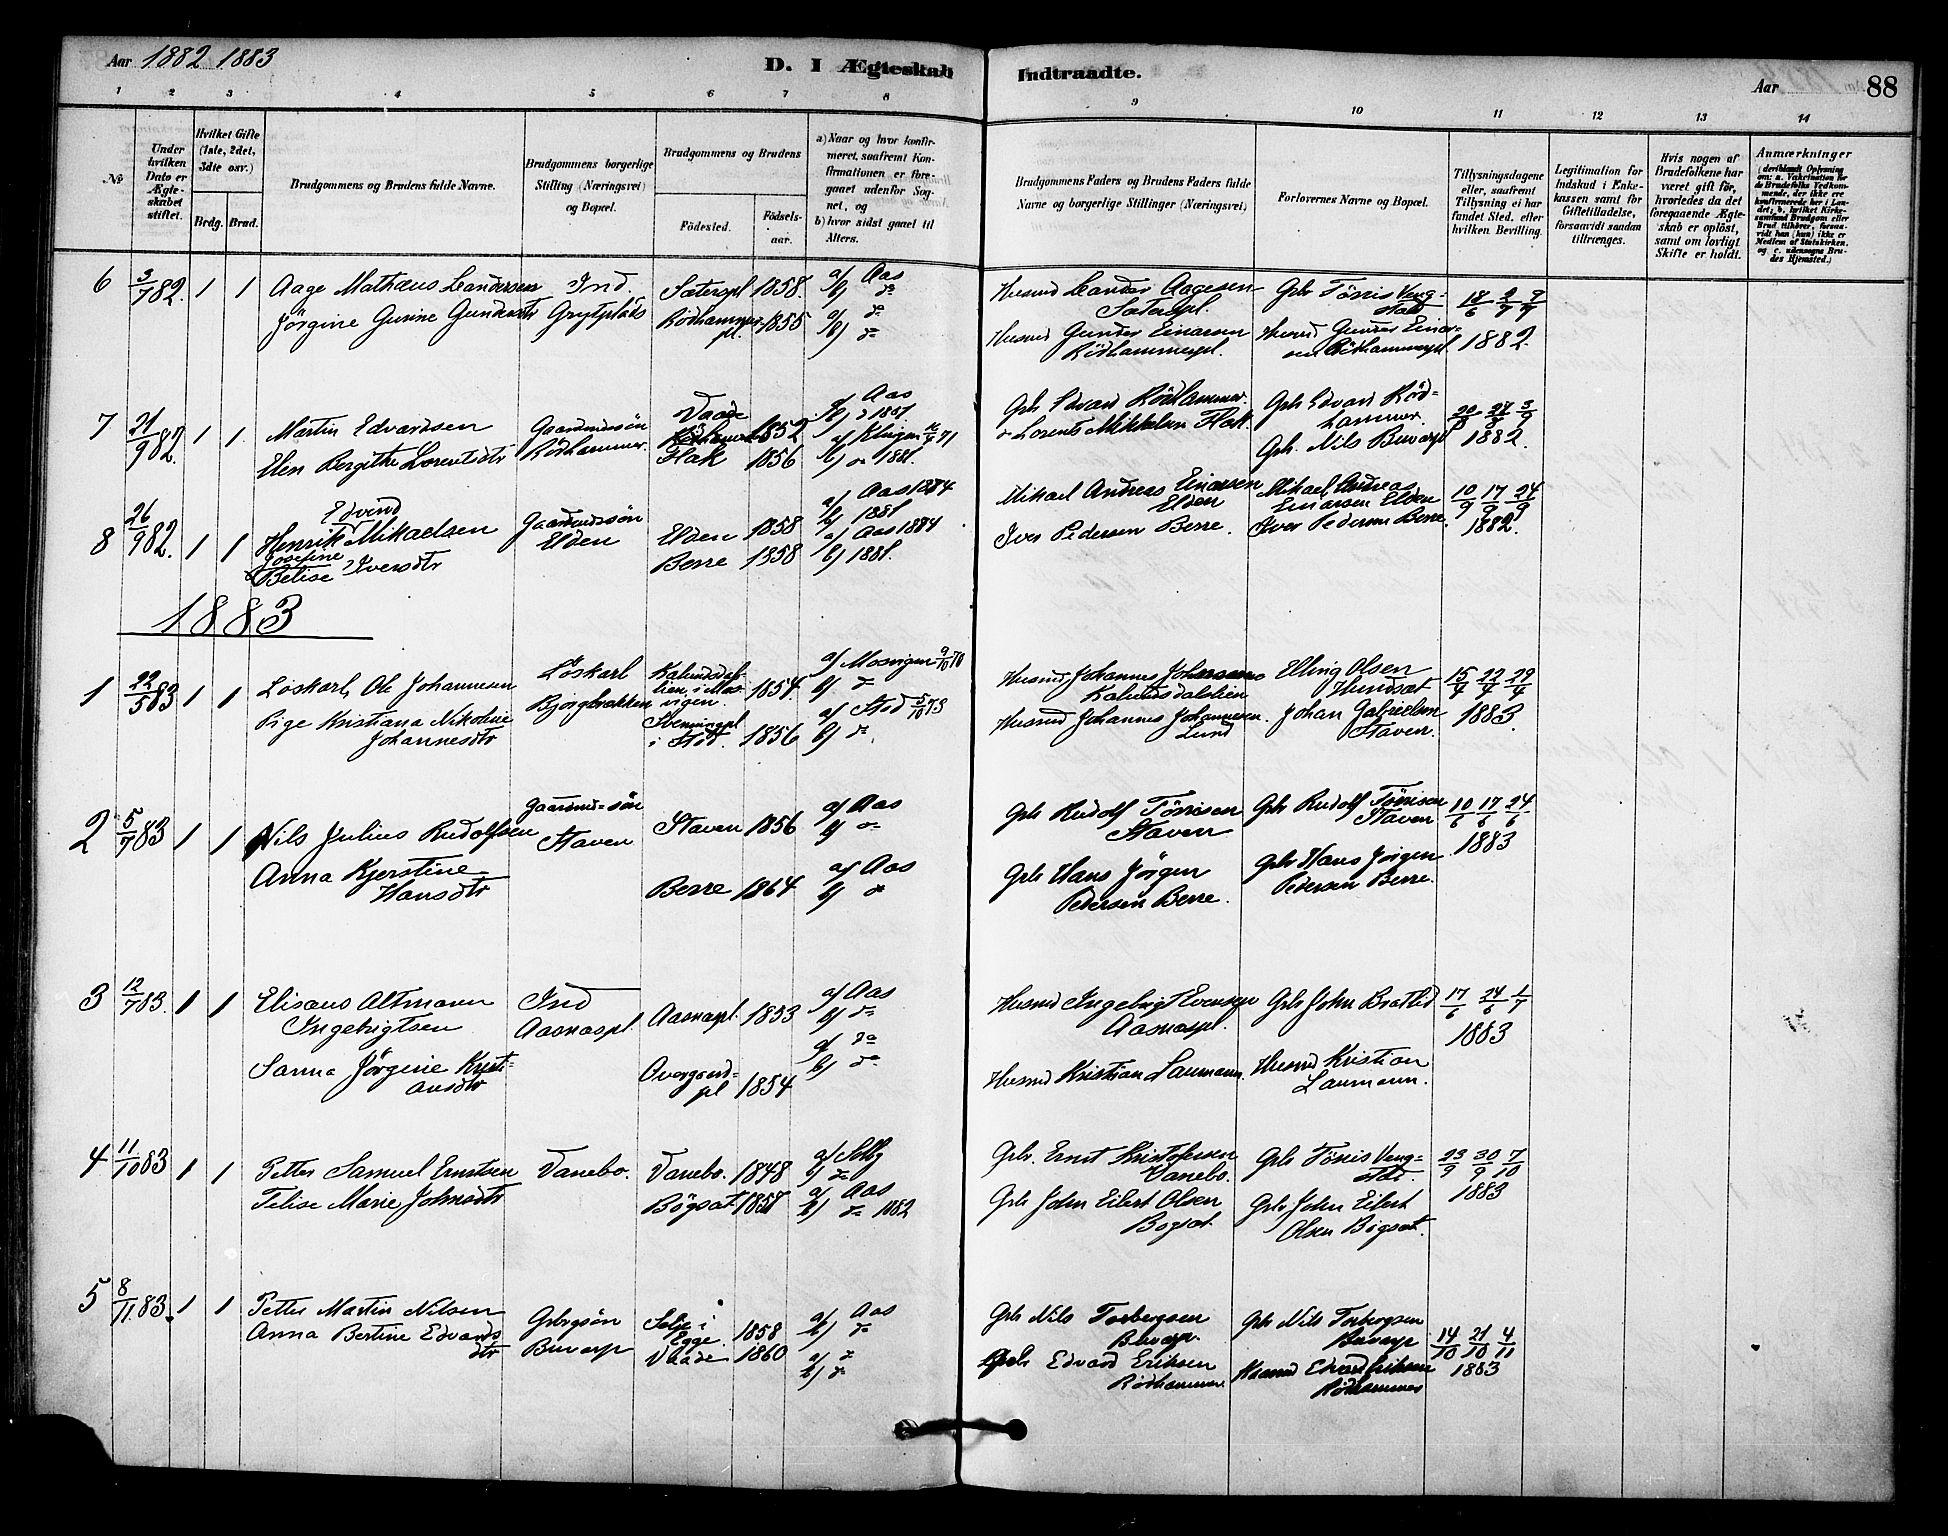 SAT, Ministerialprotokoller, klokkerbøker og fødselsregistre - Nord-Trøndelag, 742/L0408: Ministerialbok nr. 742A01, 1878-1890, s. 88